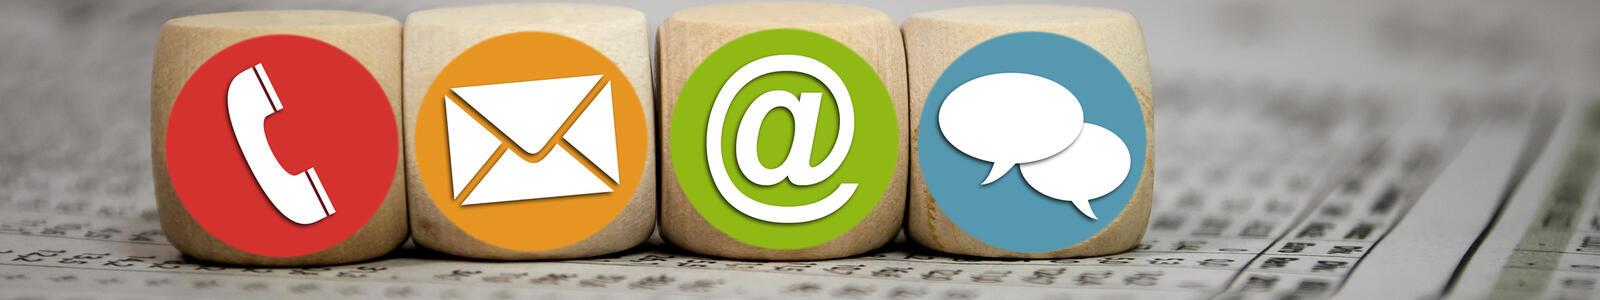 kontakt formular support mail